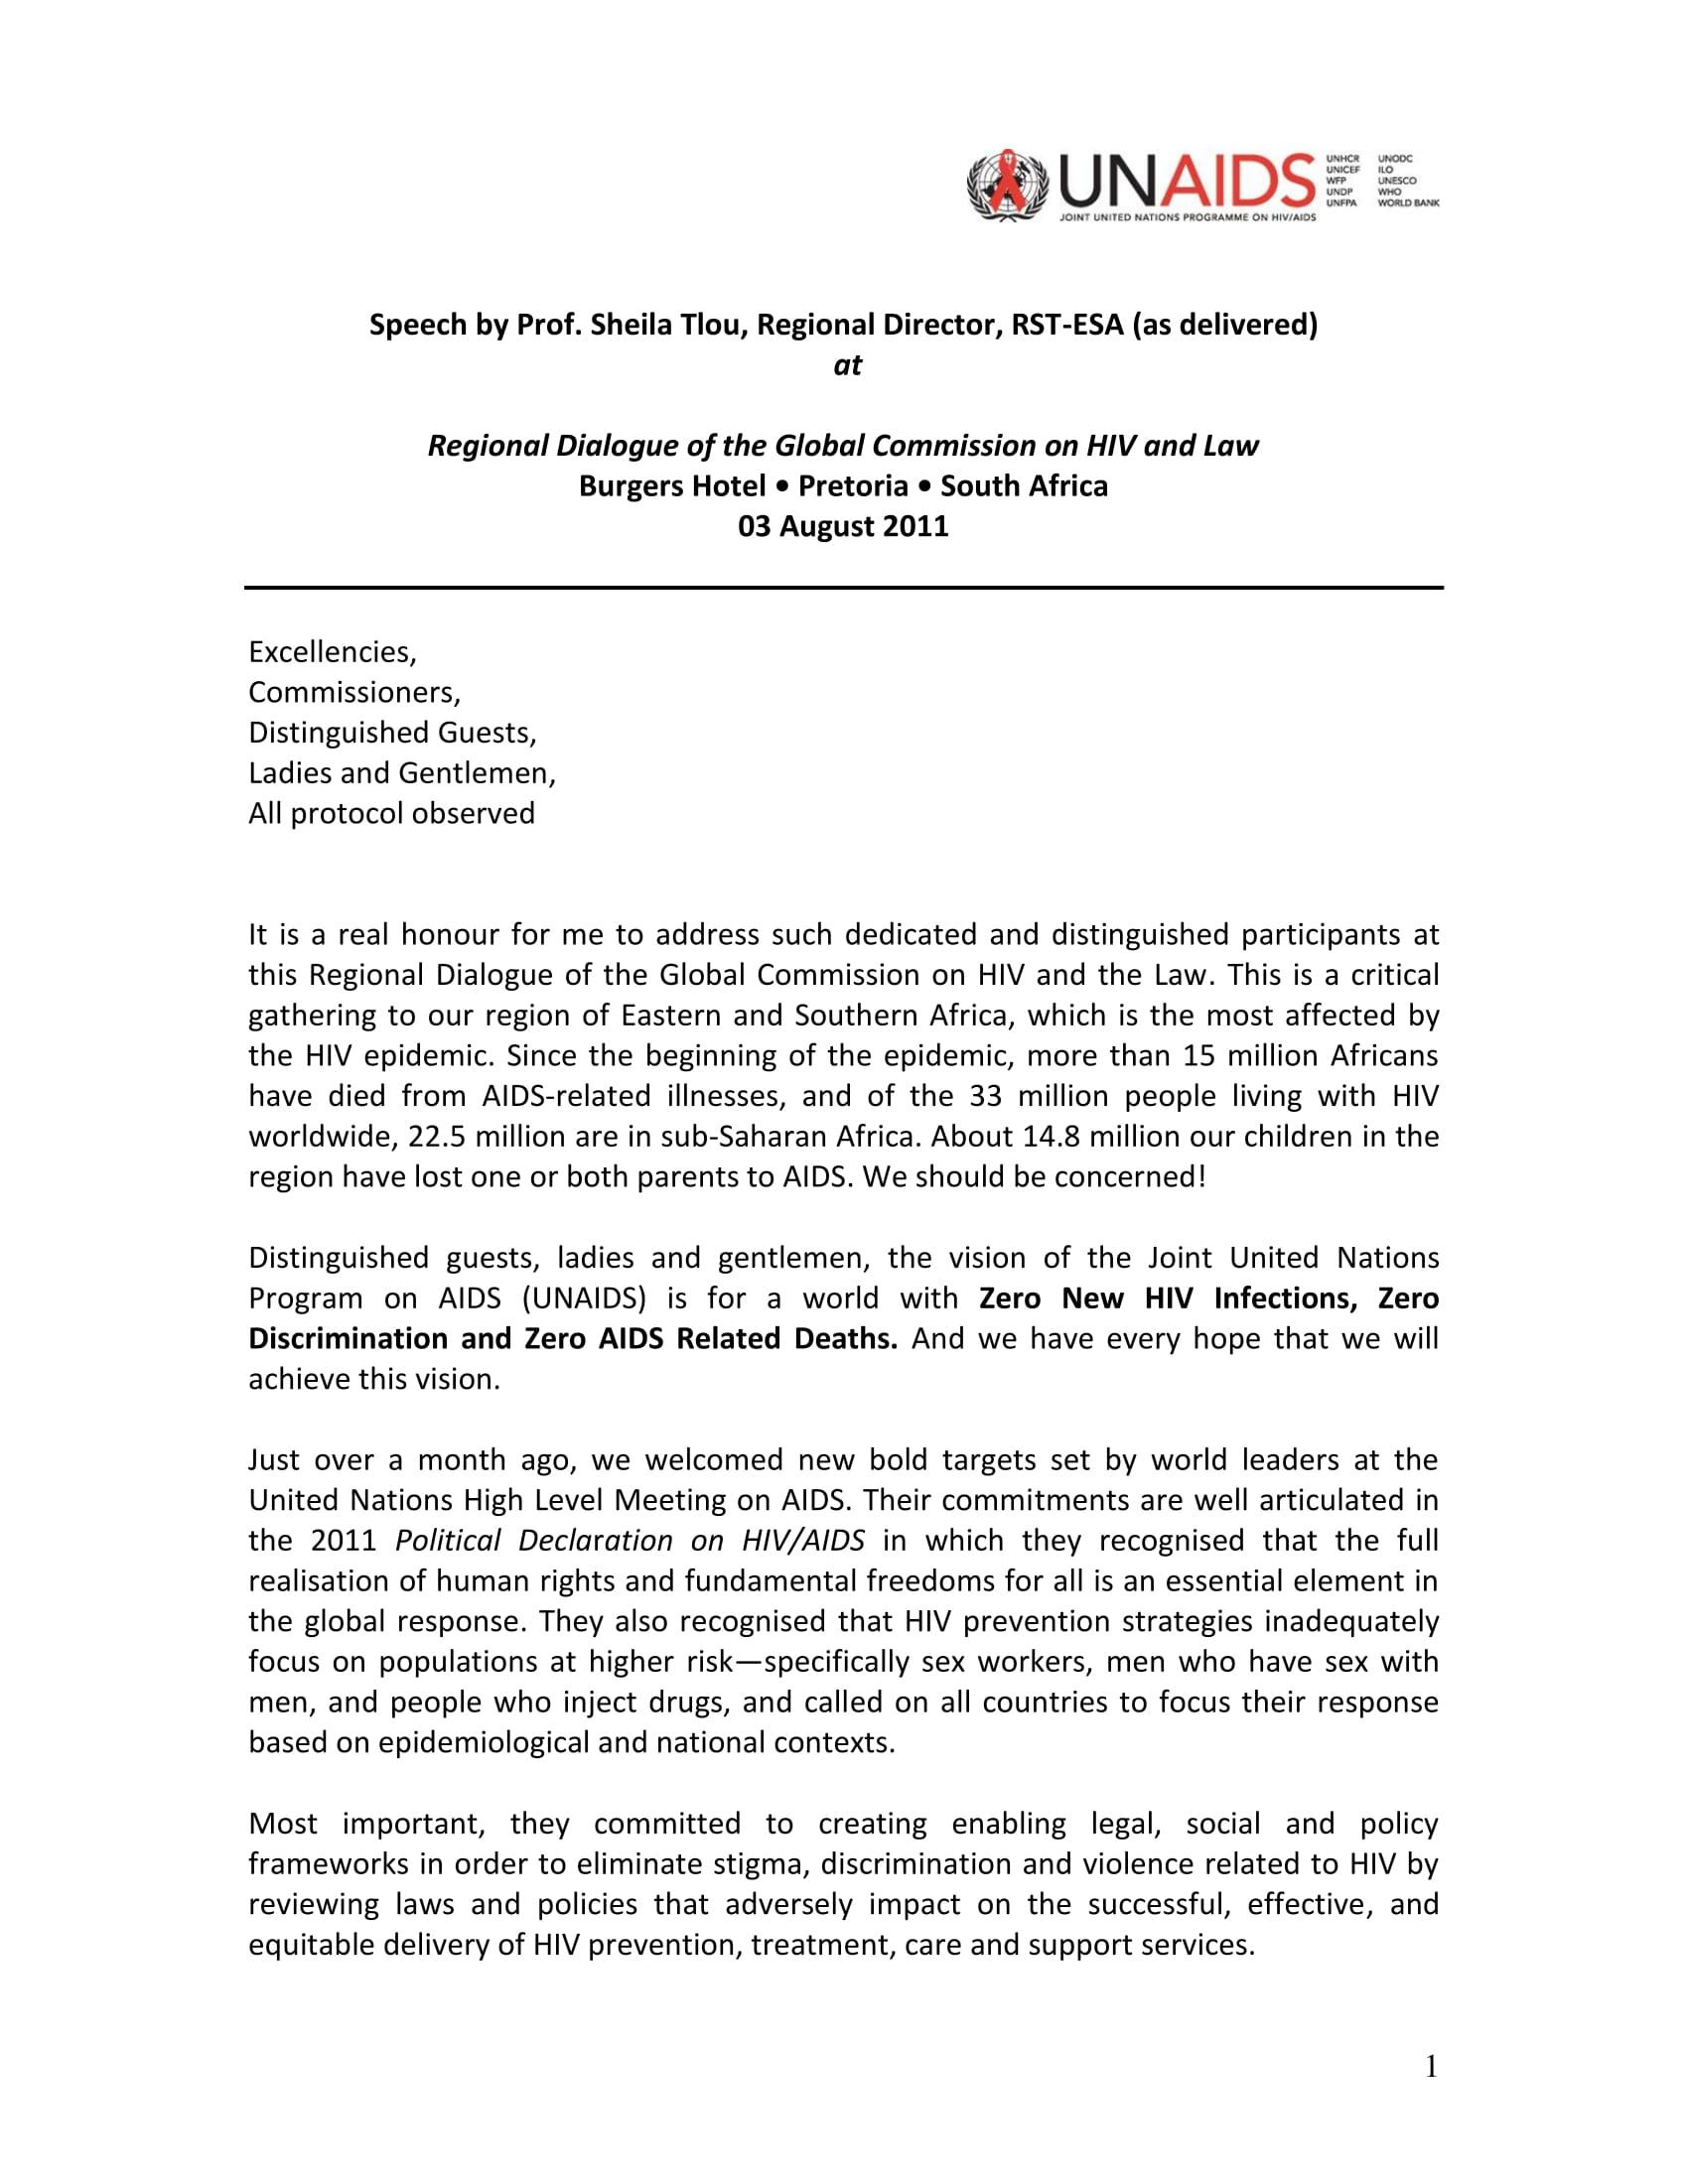 Speech by Prof. Sheila Tlou, Regional Director, UNAIDS RST-ESA